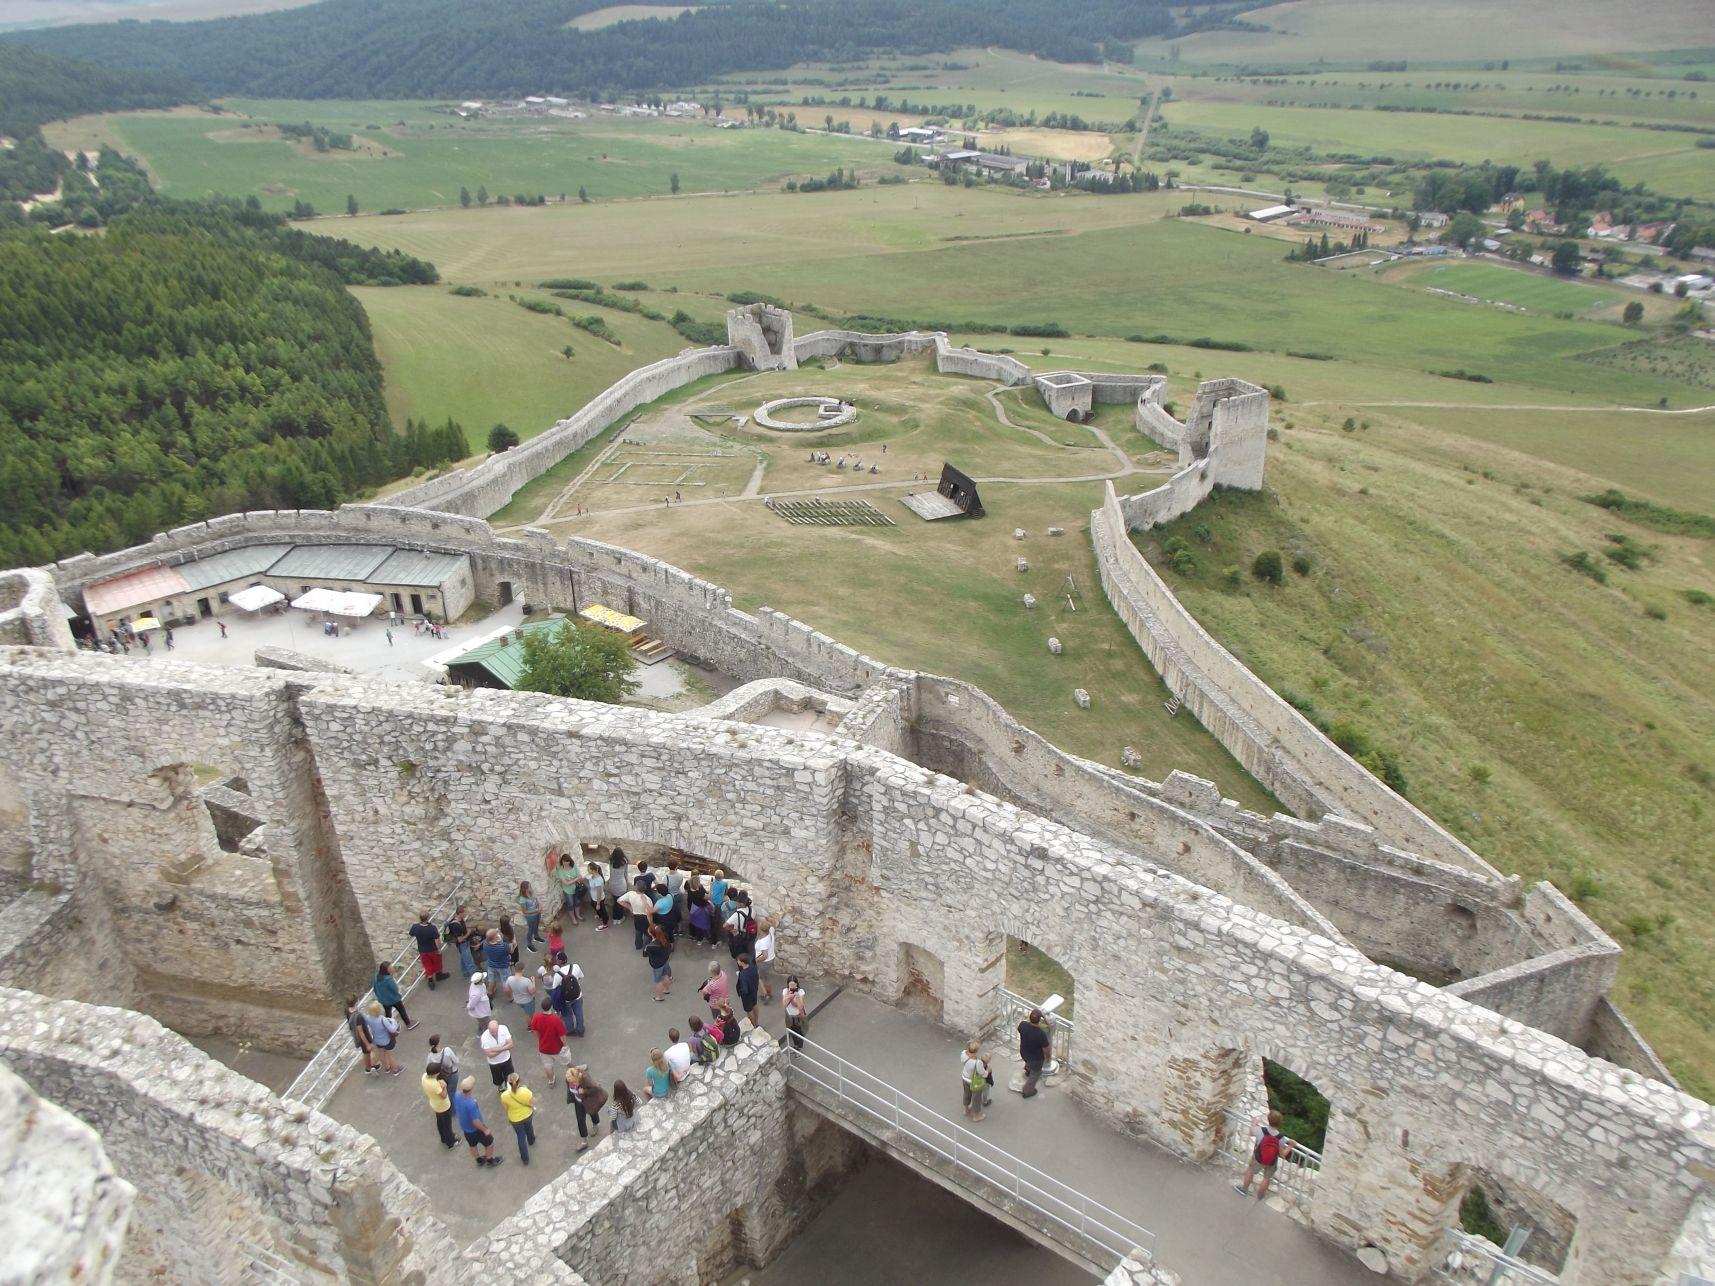 Az alsó várudvar a toronyból